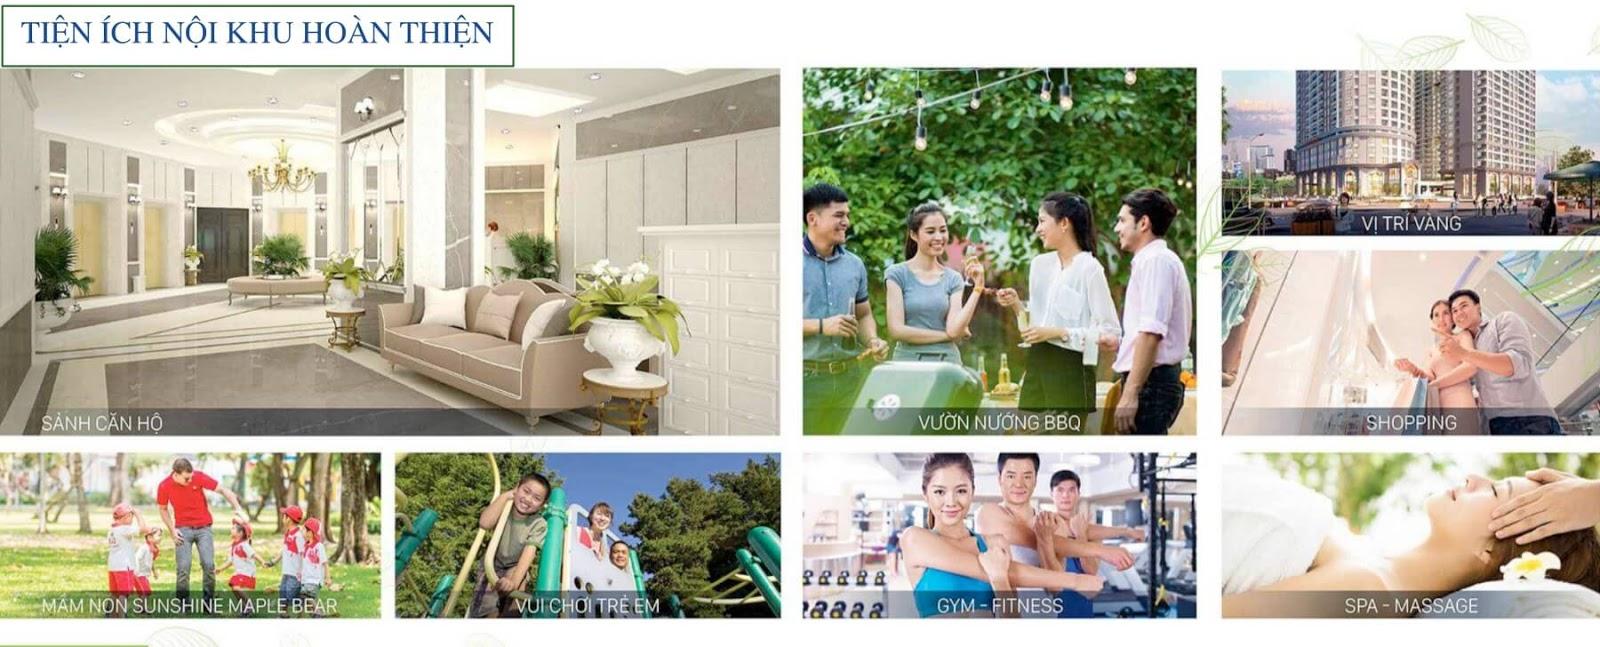 Tiện ích nội khu hoàn thiện tại Sunshine Garden Minh Khai